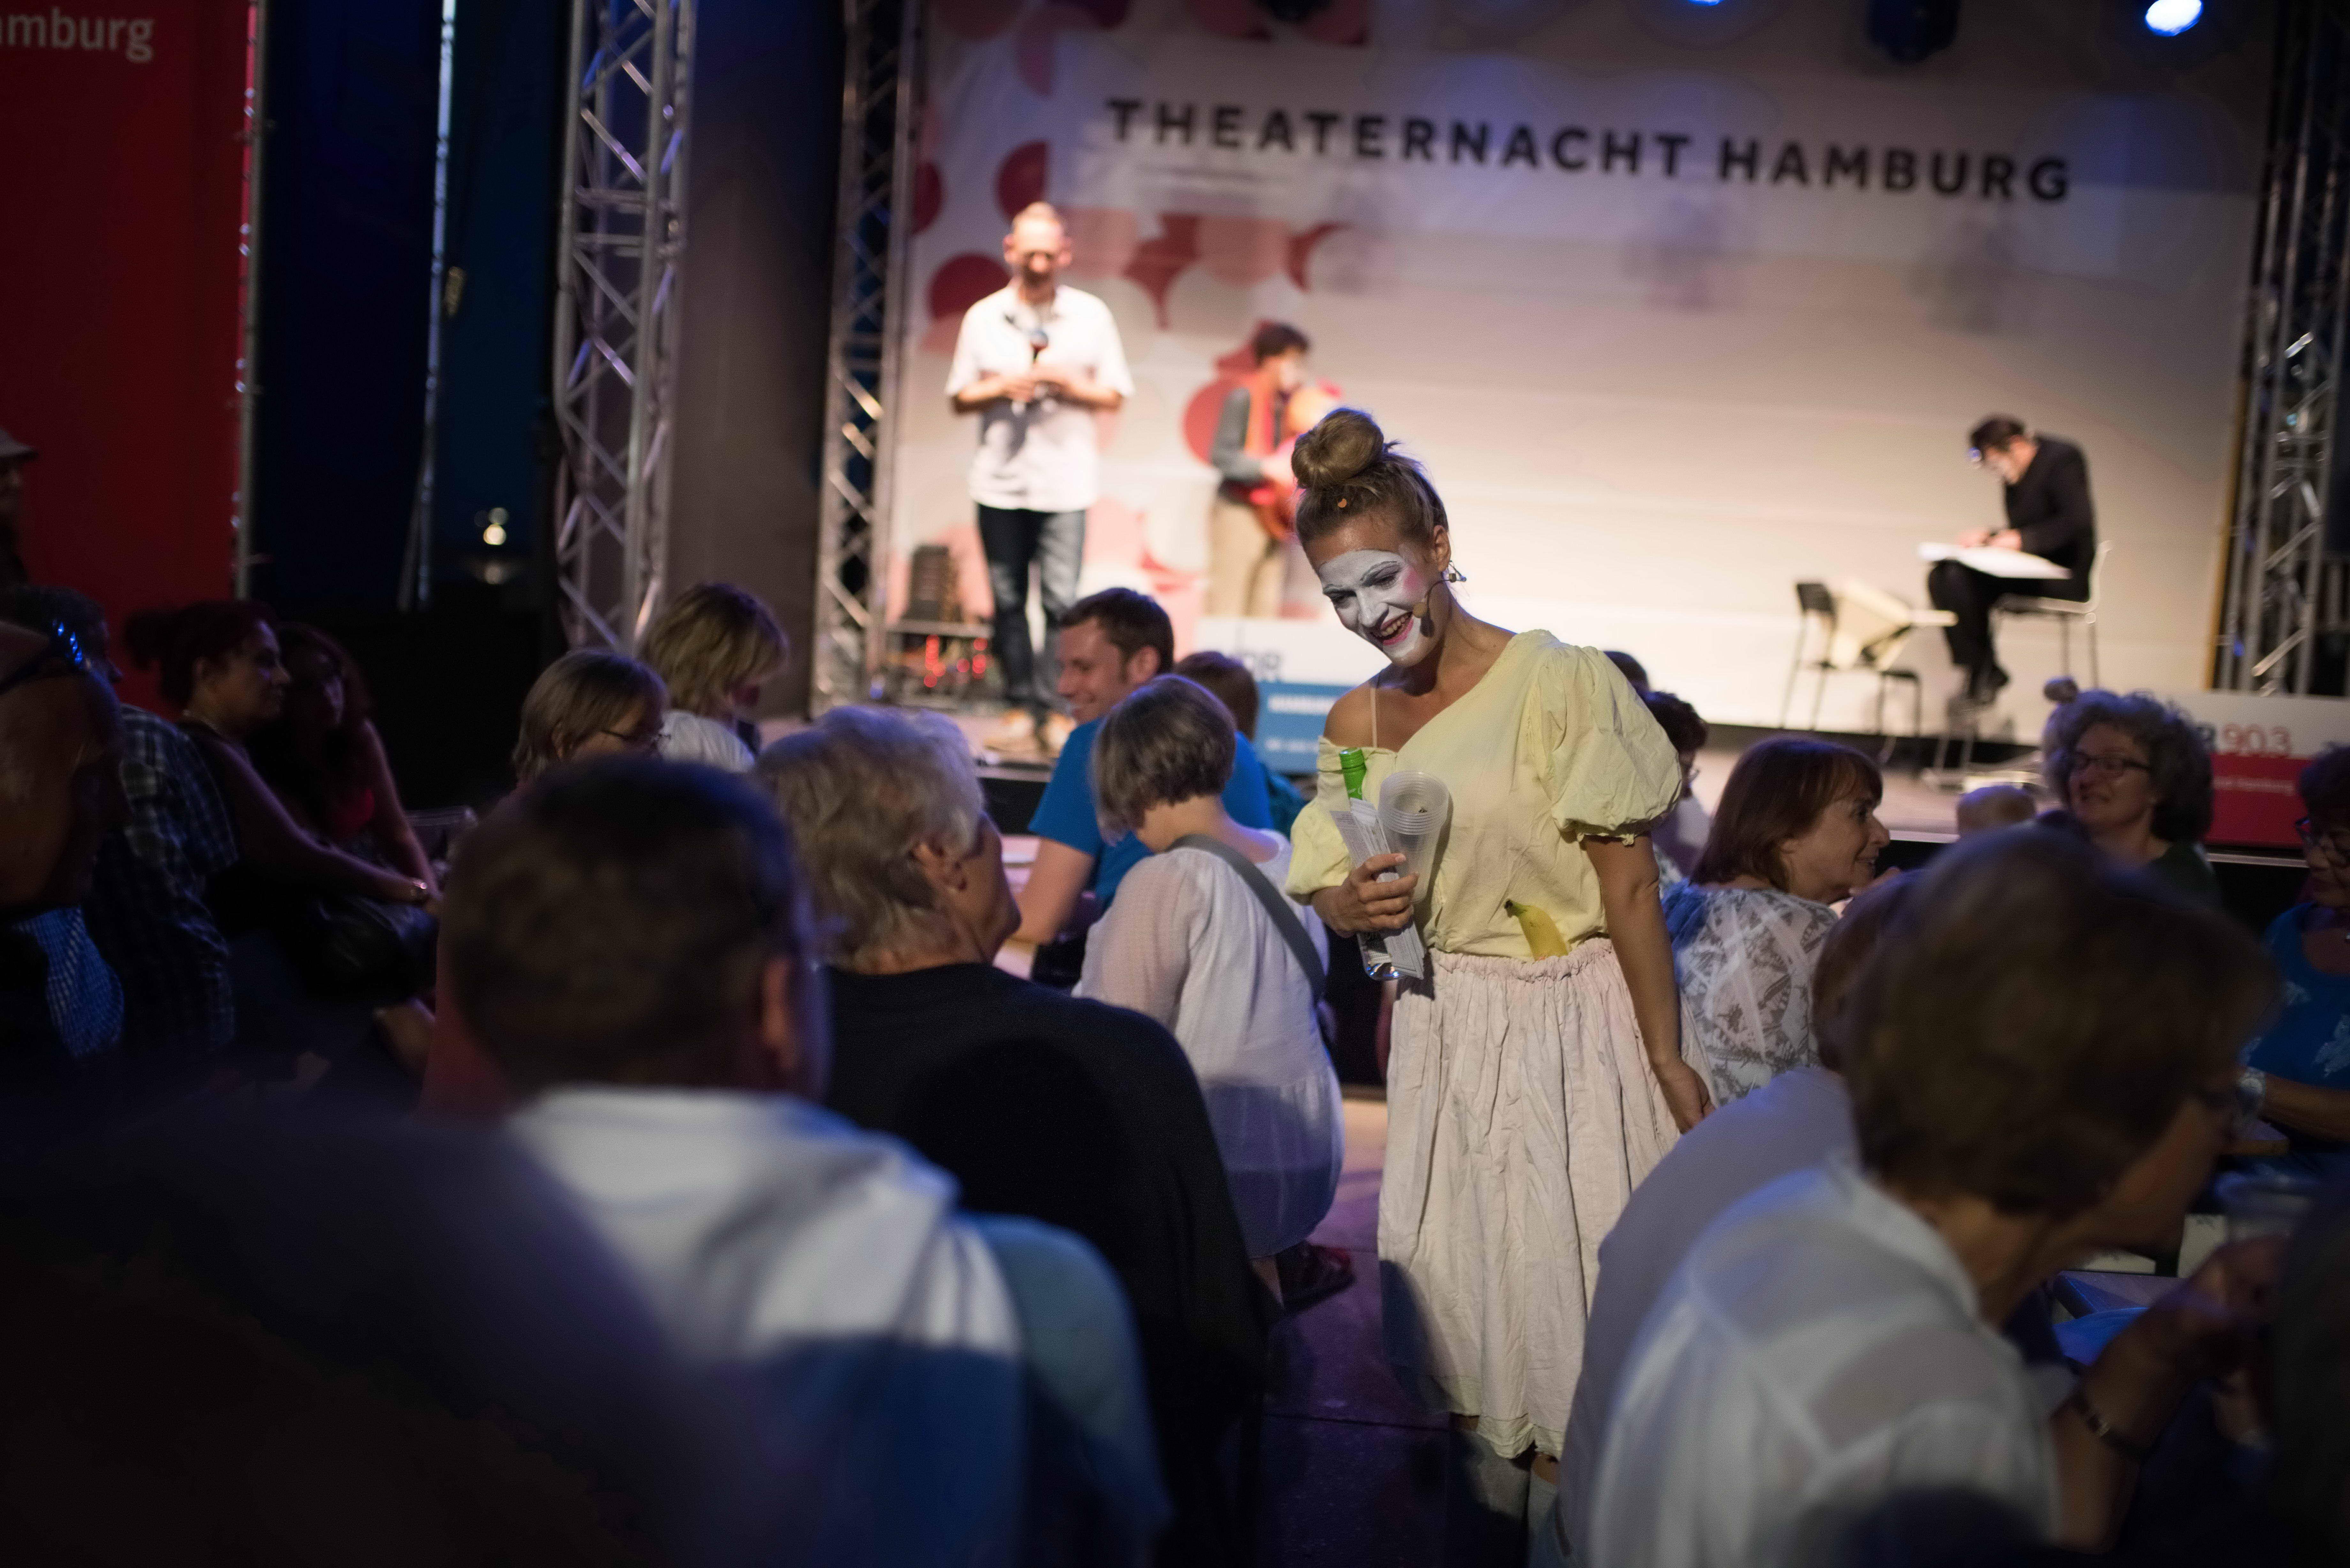 Theaternacht Hamburg 2017